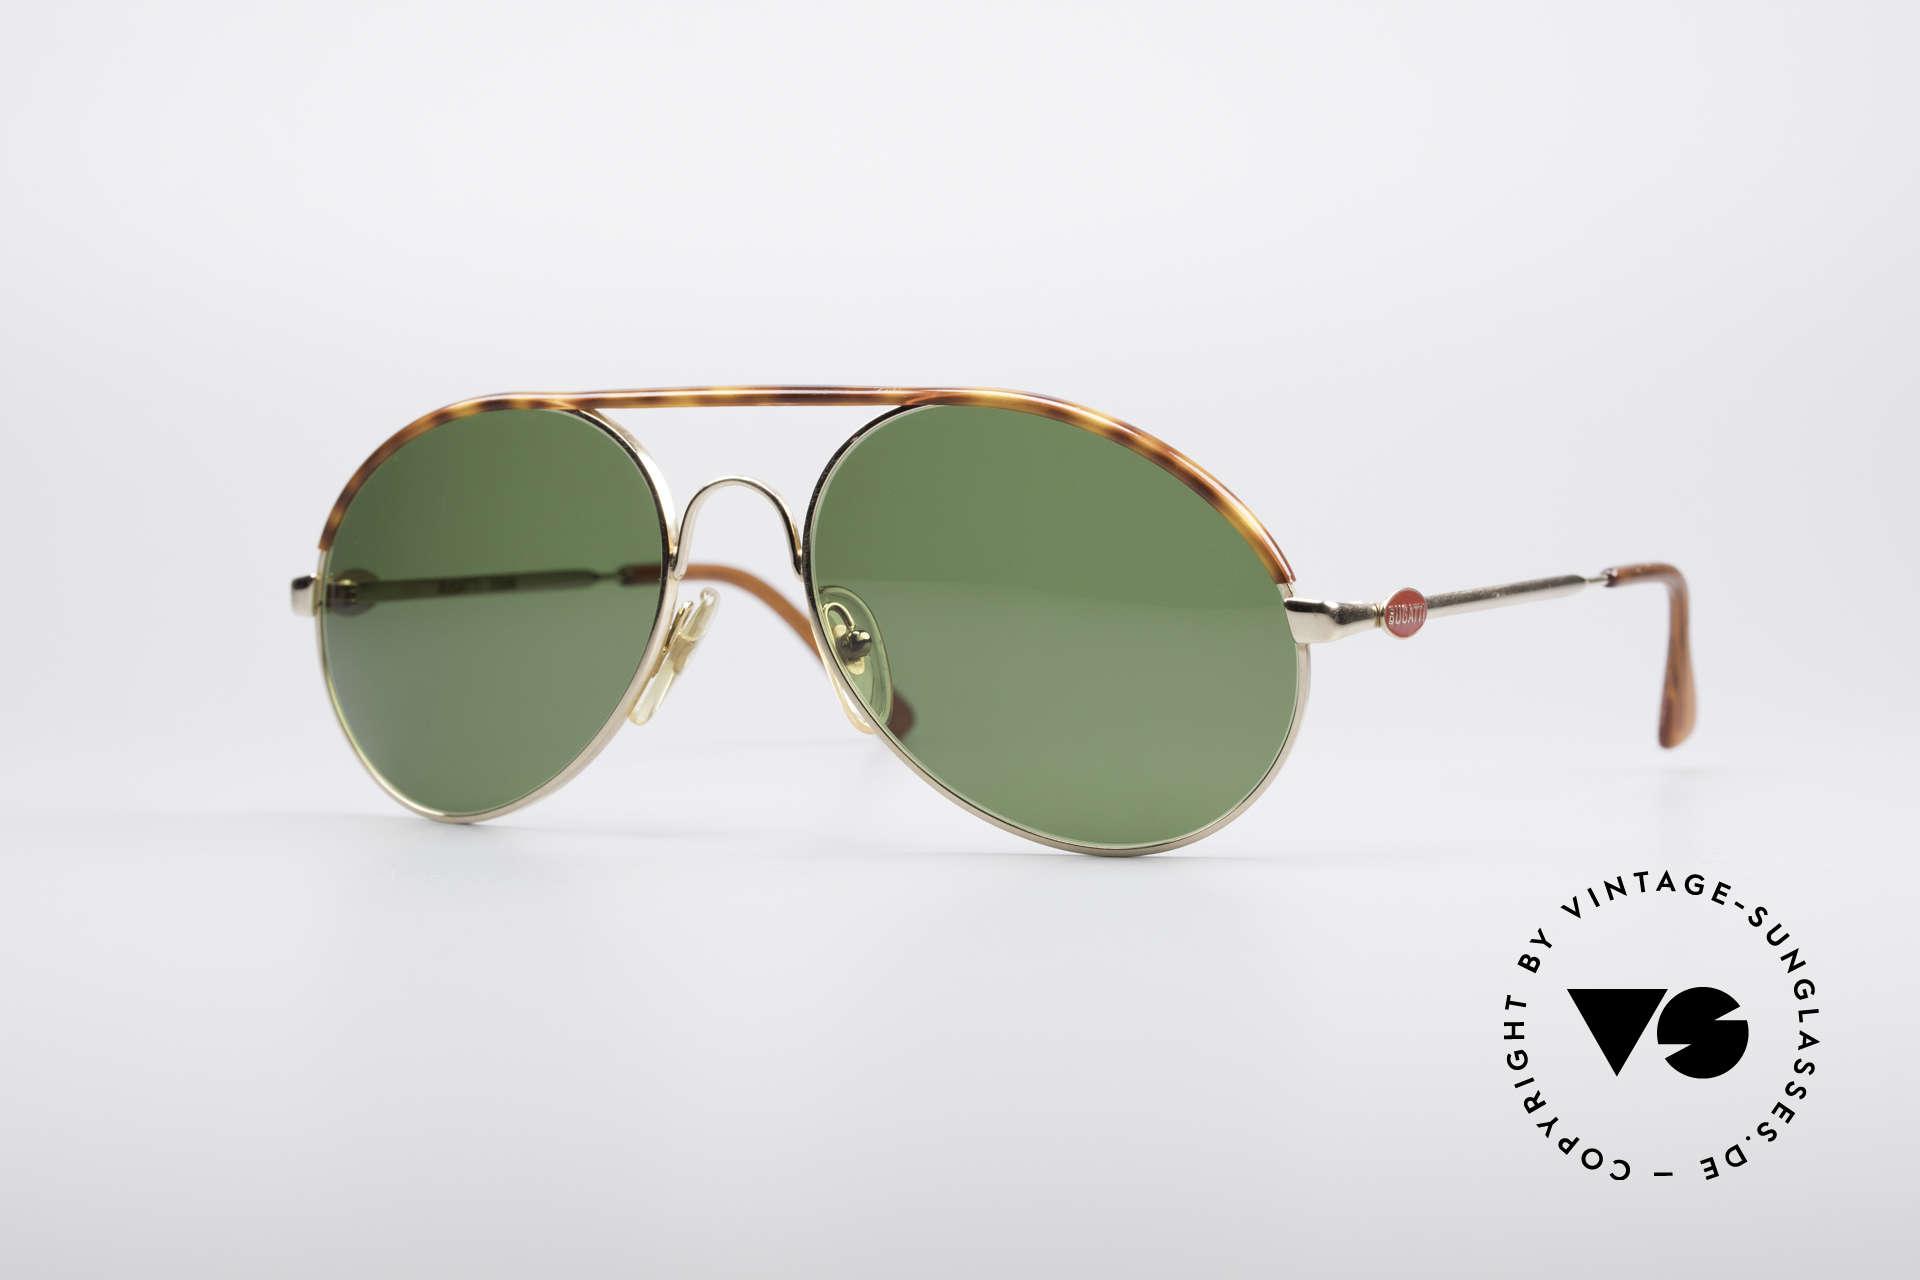 Bugatti 65986 Men's 80's Sunglasses, classic Bugatti sunglasses from app. 1985/86, Made for Men